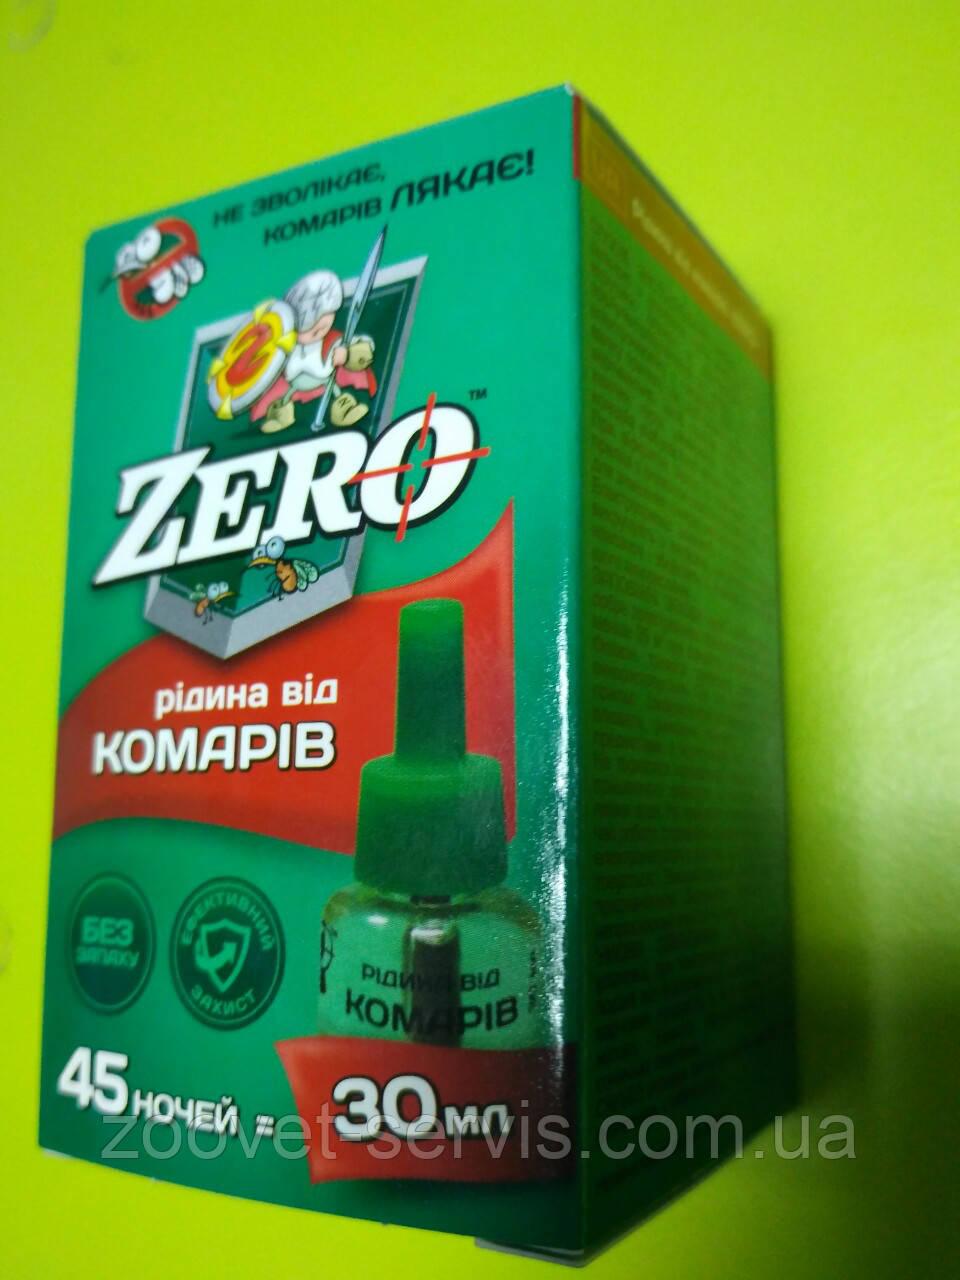 Жидкость для защиты от комаров на 45 ночей ZERO (Беларусь)